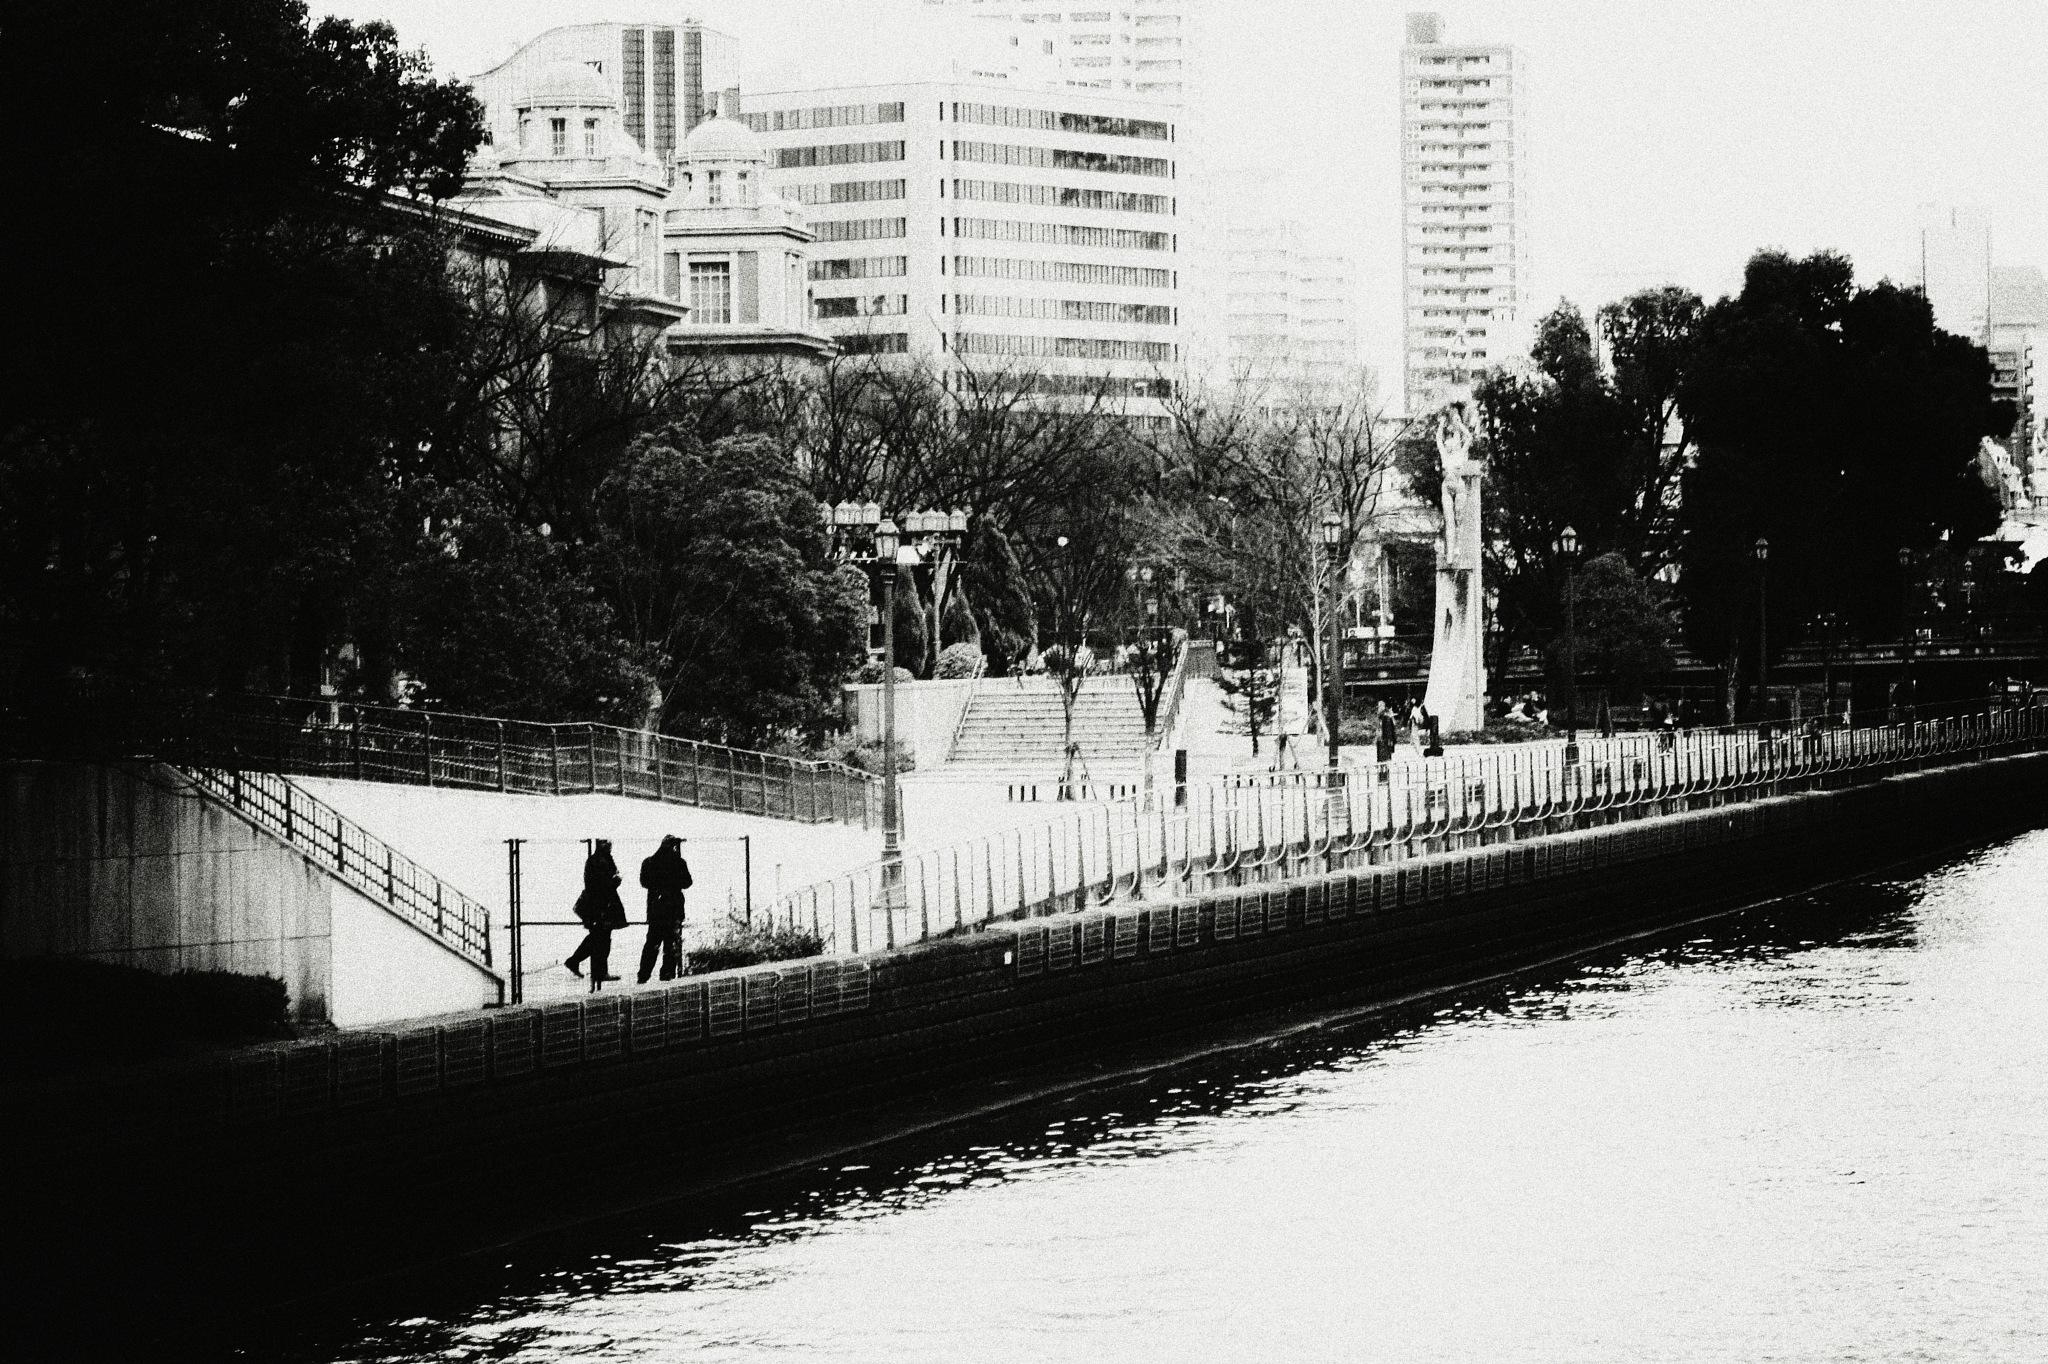 Riverside by Hitoshi Matsumoto